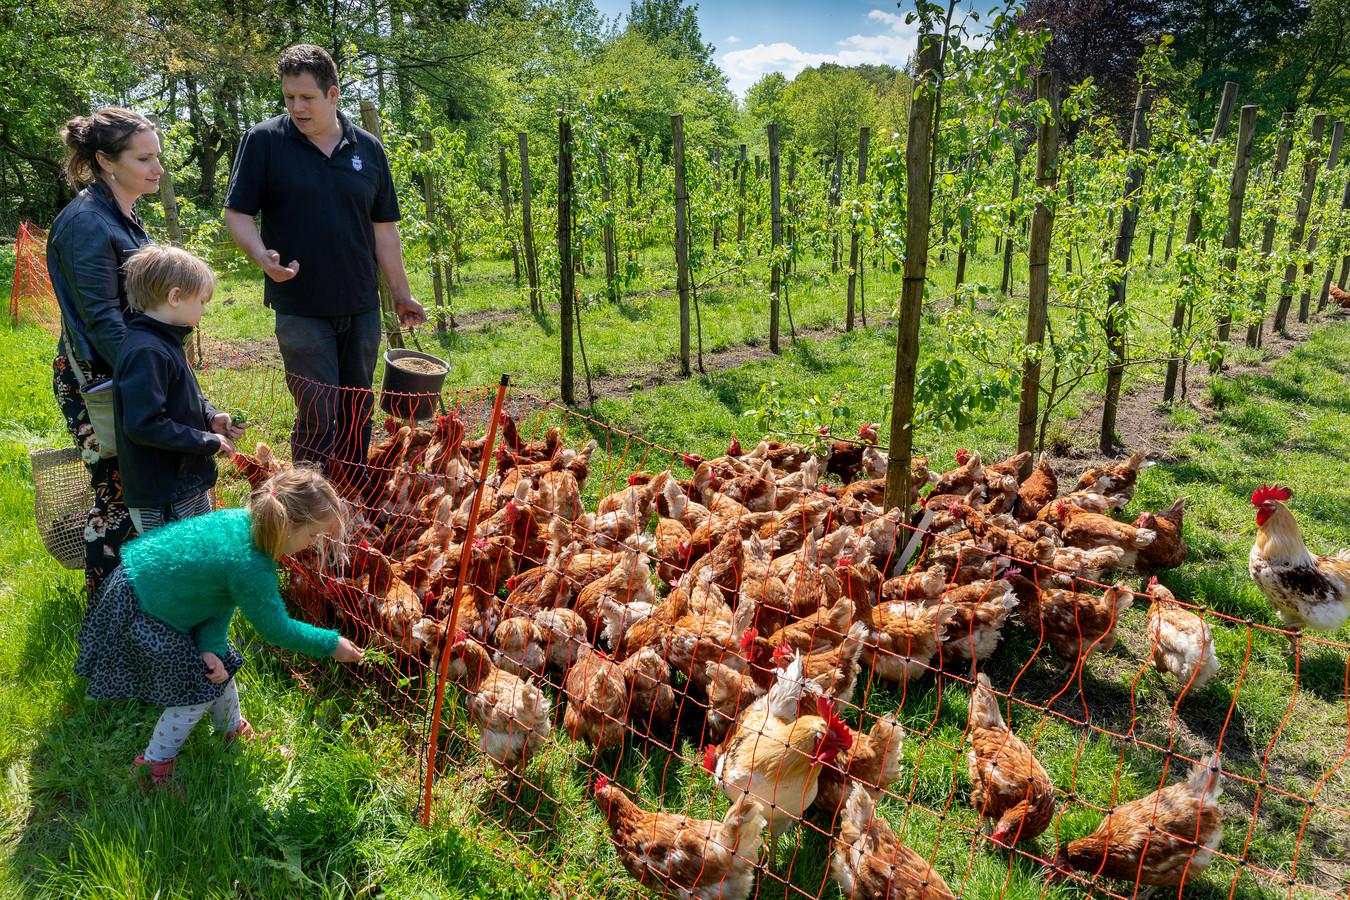 Jetske Thielen en kinderen worden voorgelicht door boer Geert van der Bruggen op de boerderij in Boxtel waar op een eerlijke manier en verantwoord wordt geboerd.